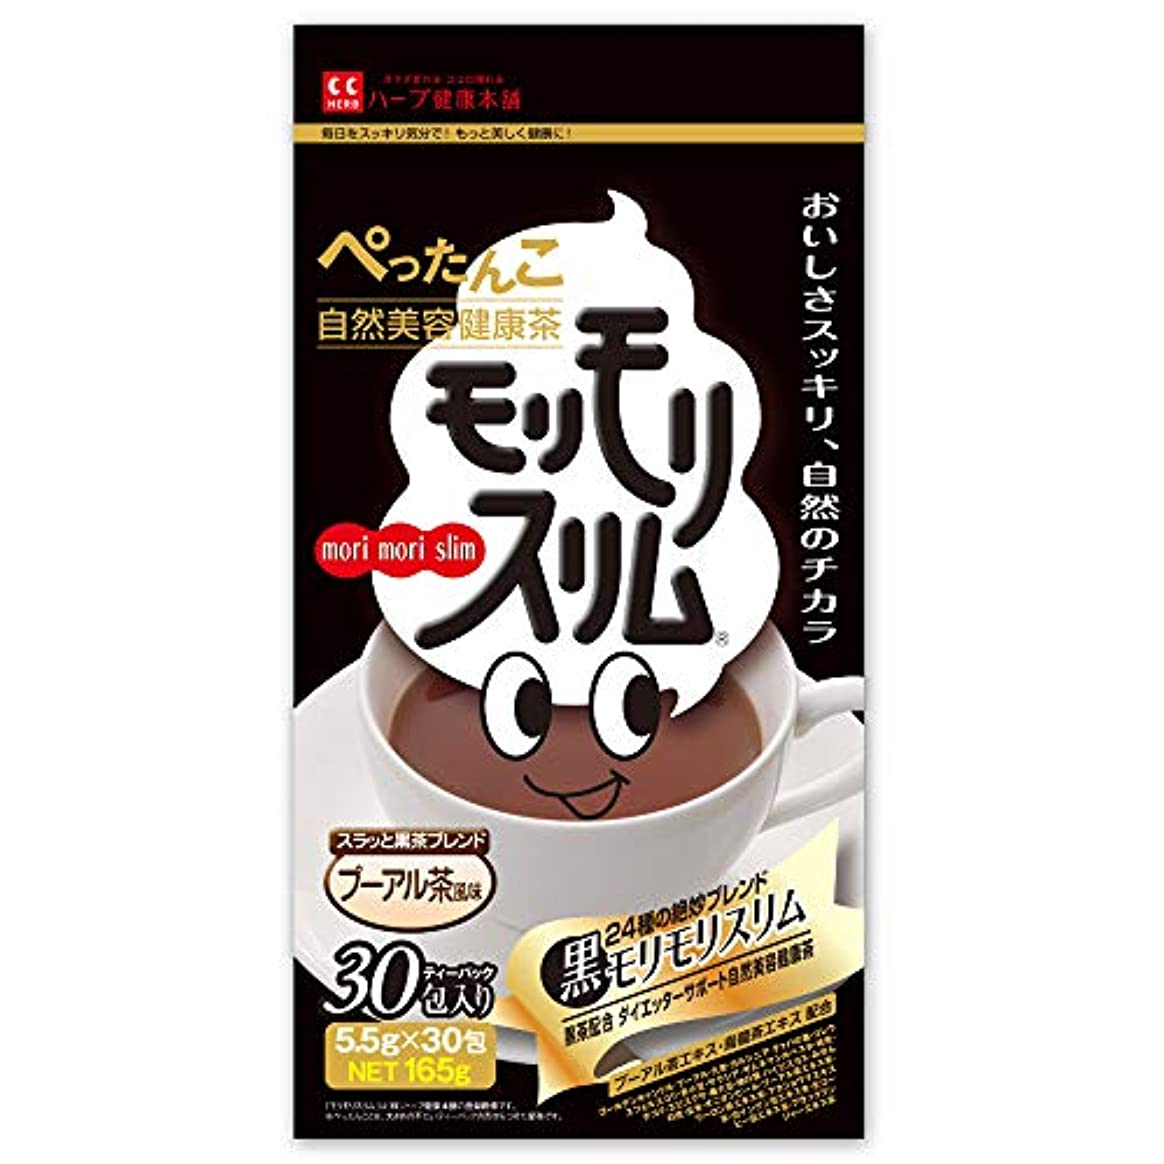 ふざけた相談ペルセウスハーブ健康本舗 黒モリモリスリム(プーアル茶風味) (30包)